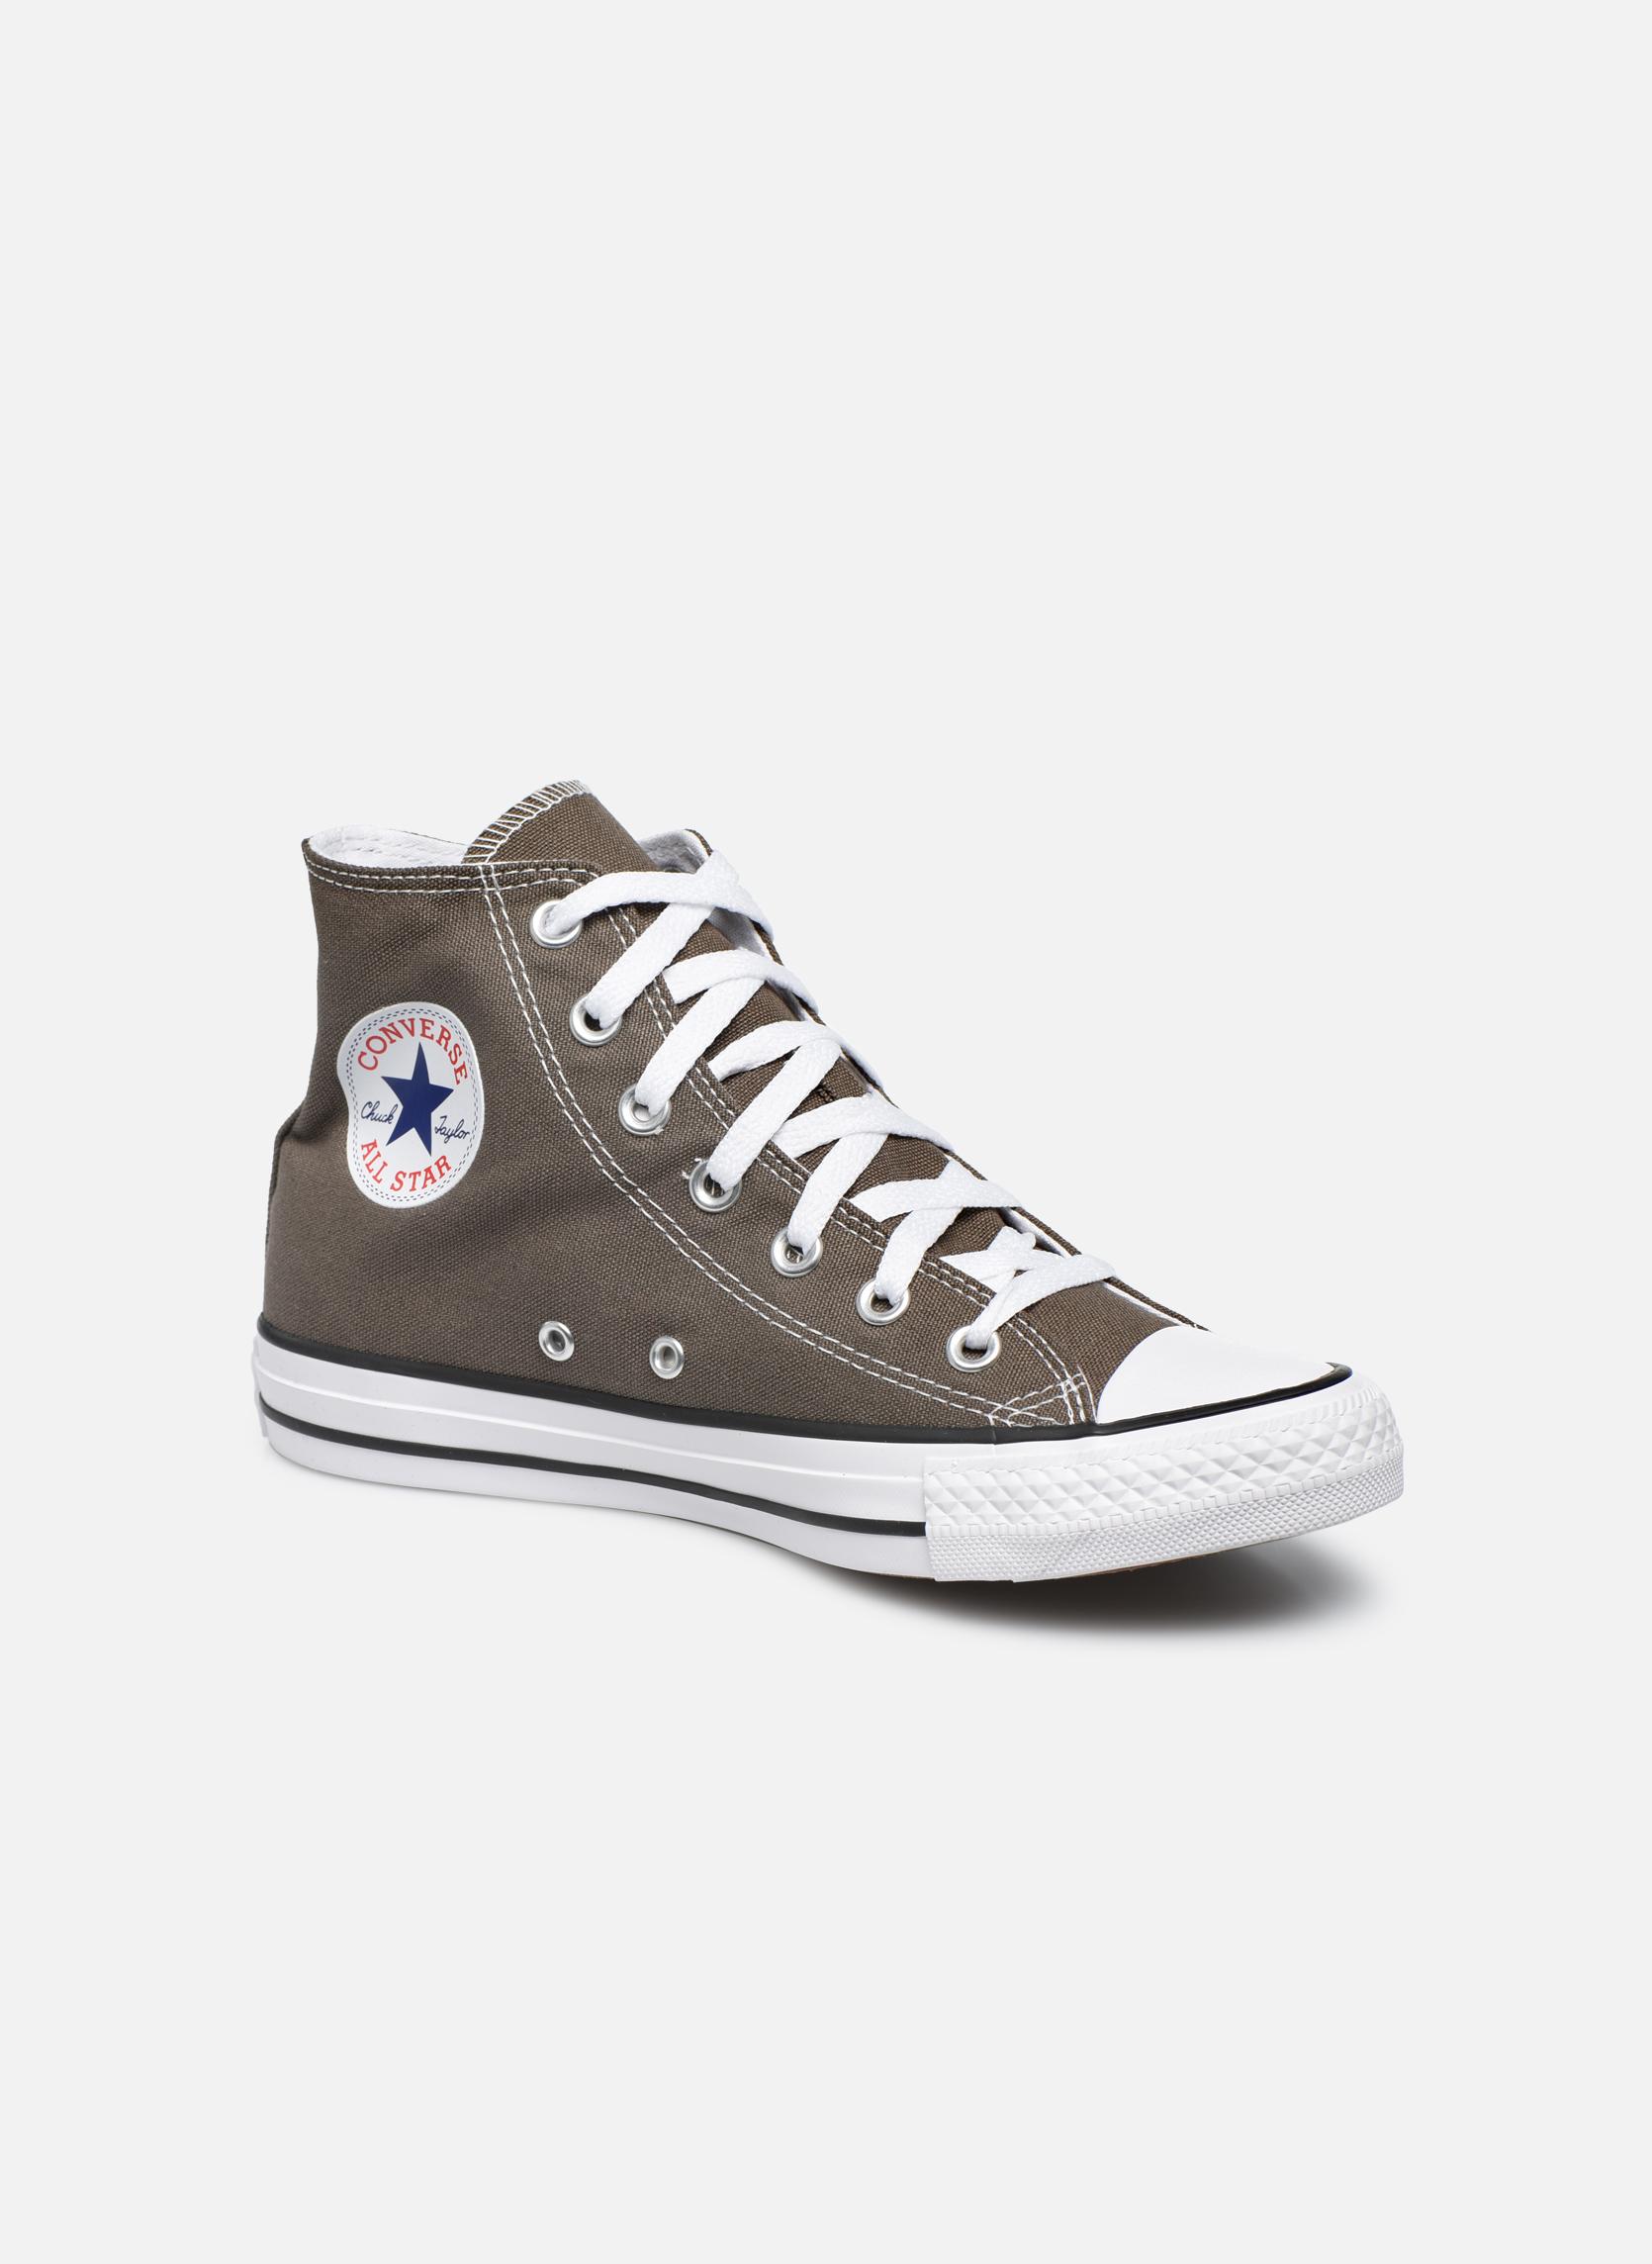 Grandes descuentos últimos zapatos Converse Chuck Taylor All Star Hi W (Gris) - Deportivas Descuento